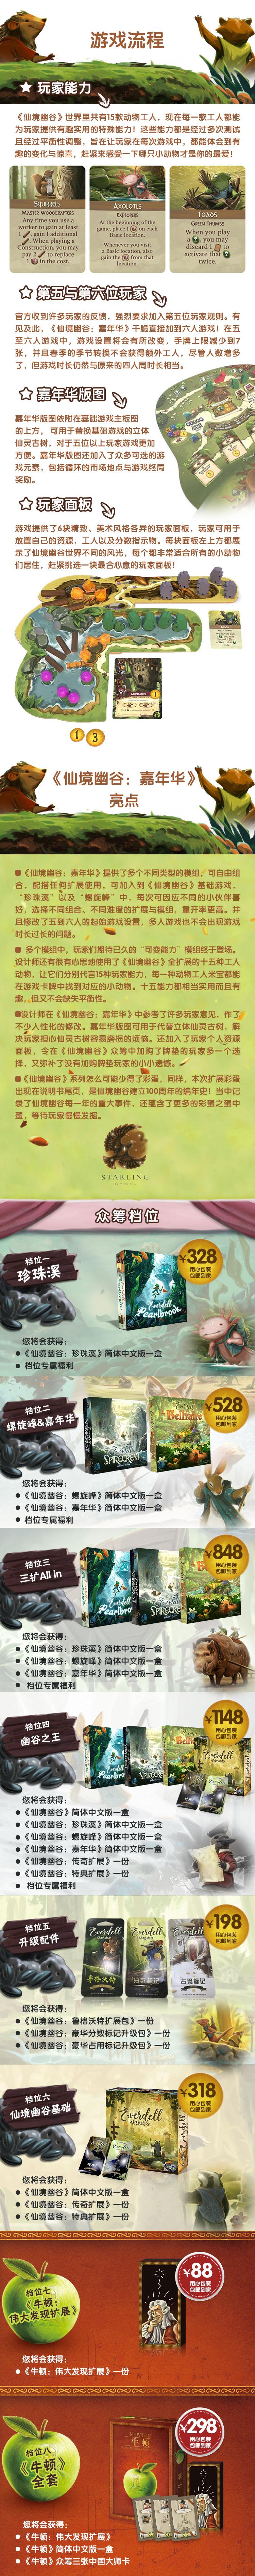 仙境幽谷扩展页面3-嘉年华10_02.jpg